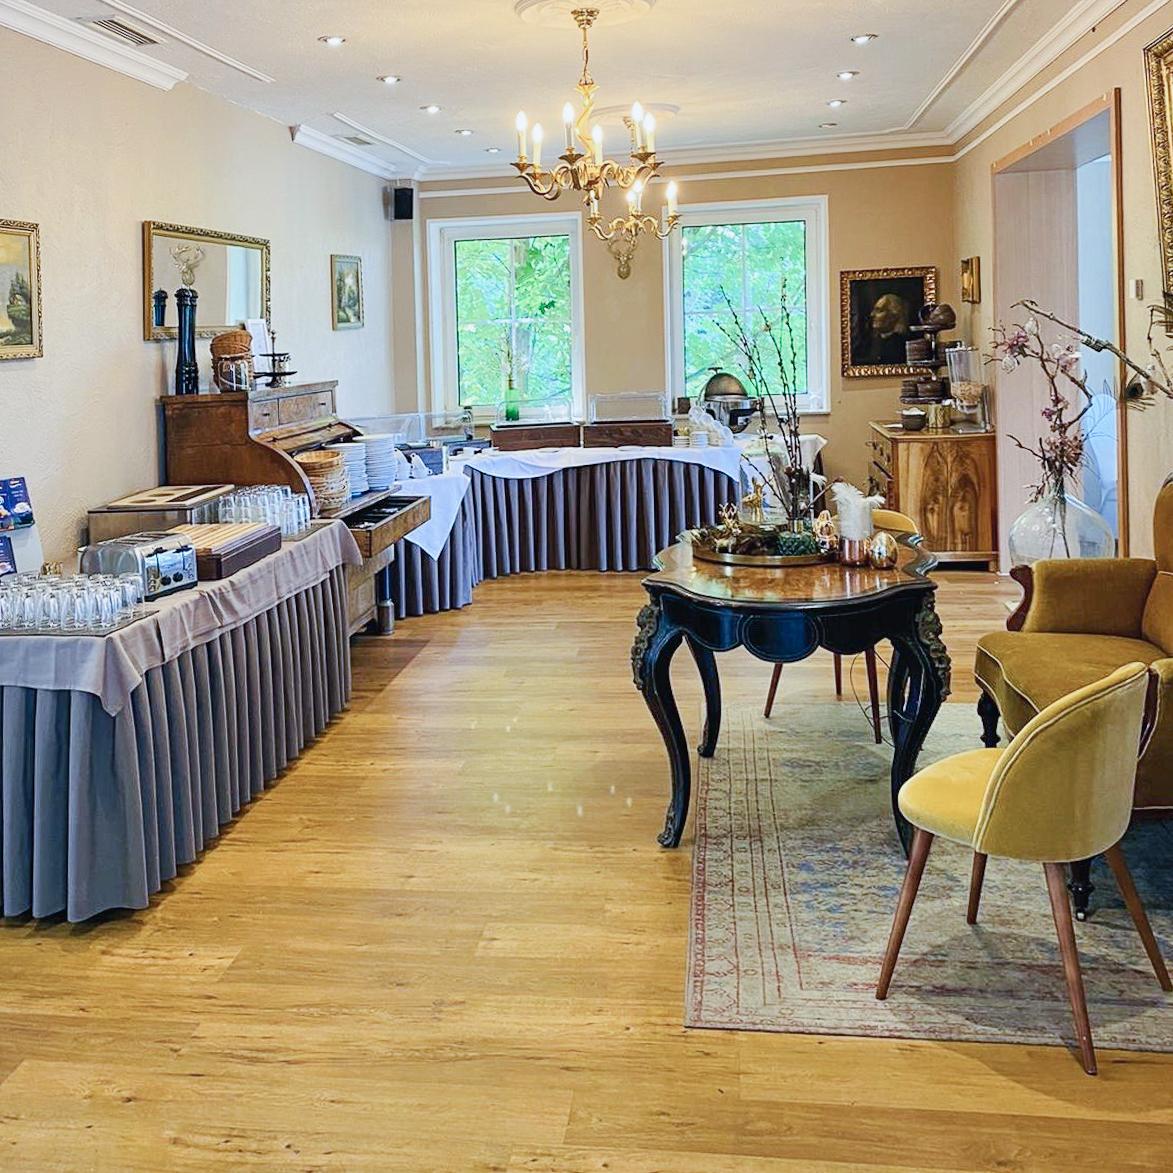 gastronomie bar raeume inspiration strandhotel vier jahreszeiten ort buckow restaurant b